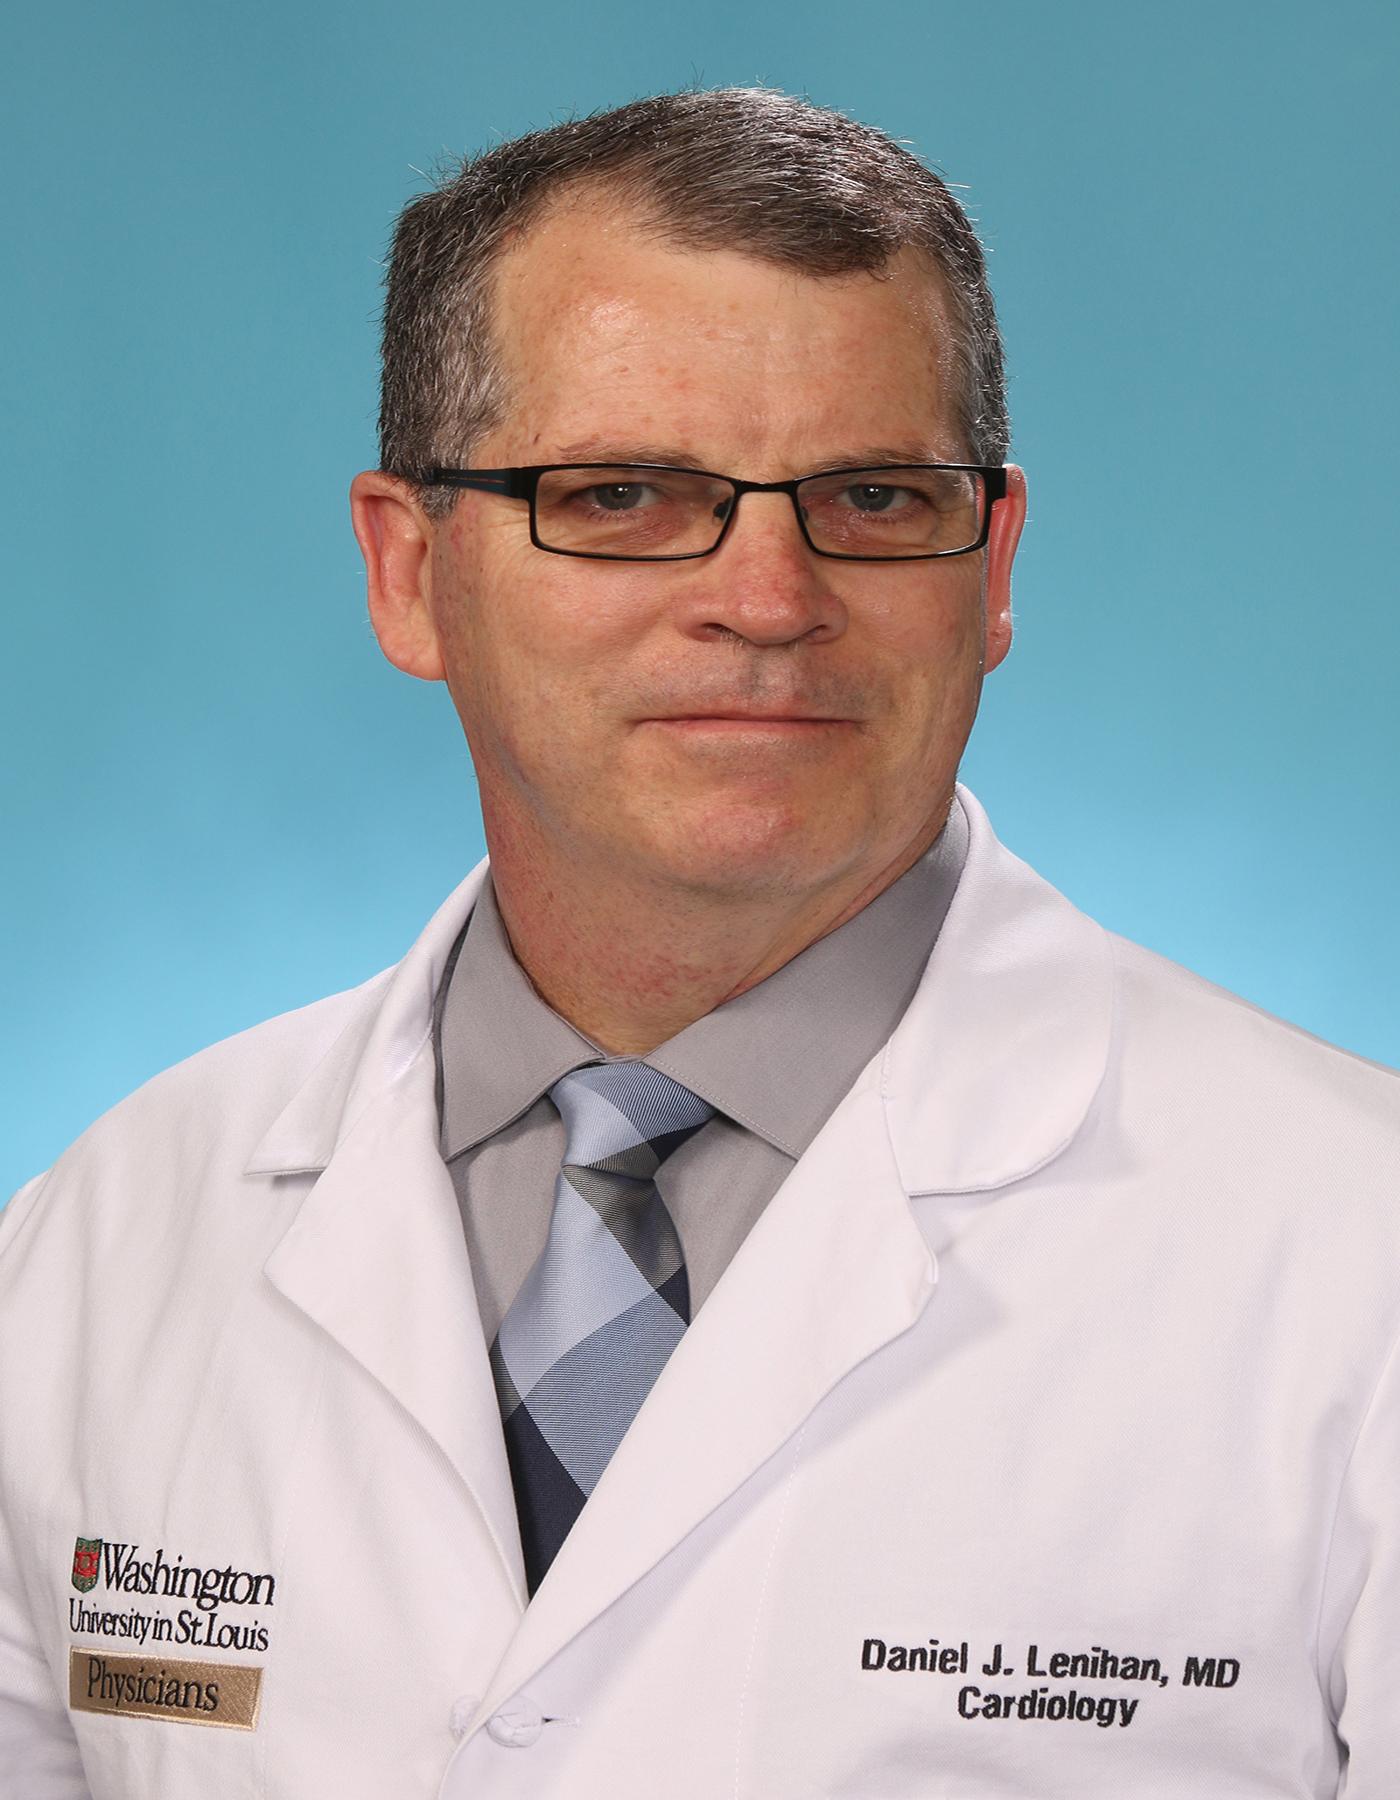 Daniel J. Lenihan, M.D.